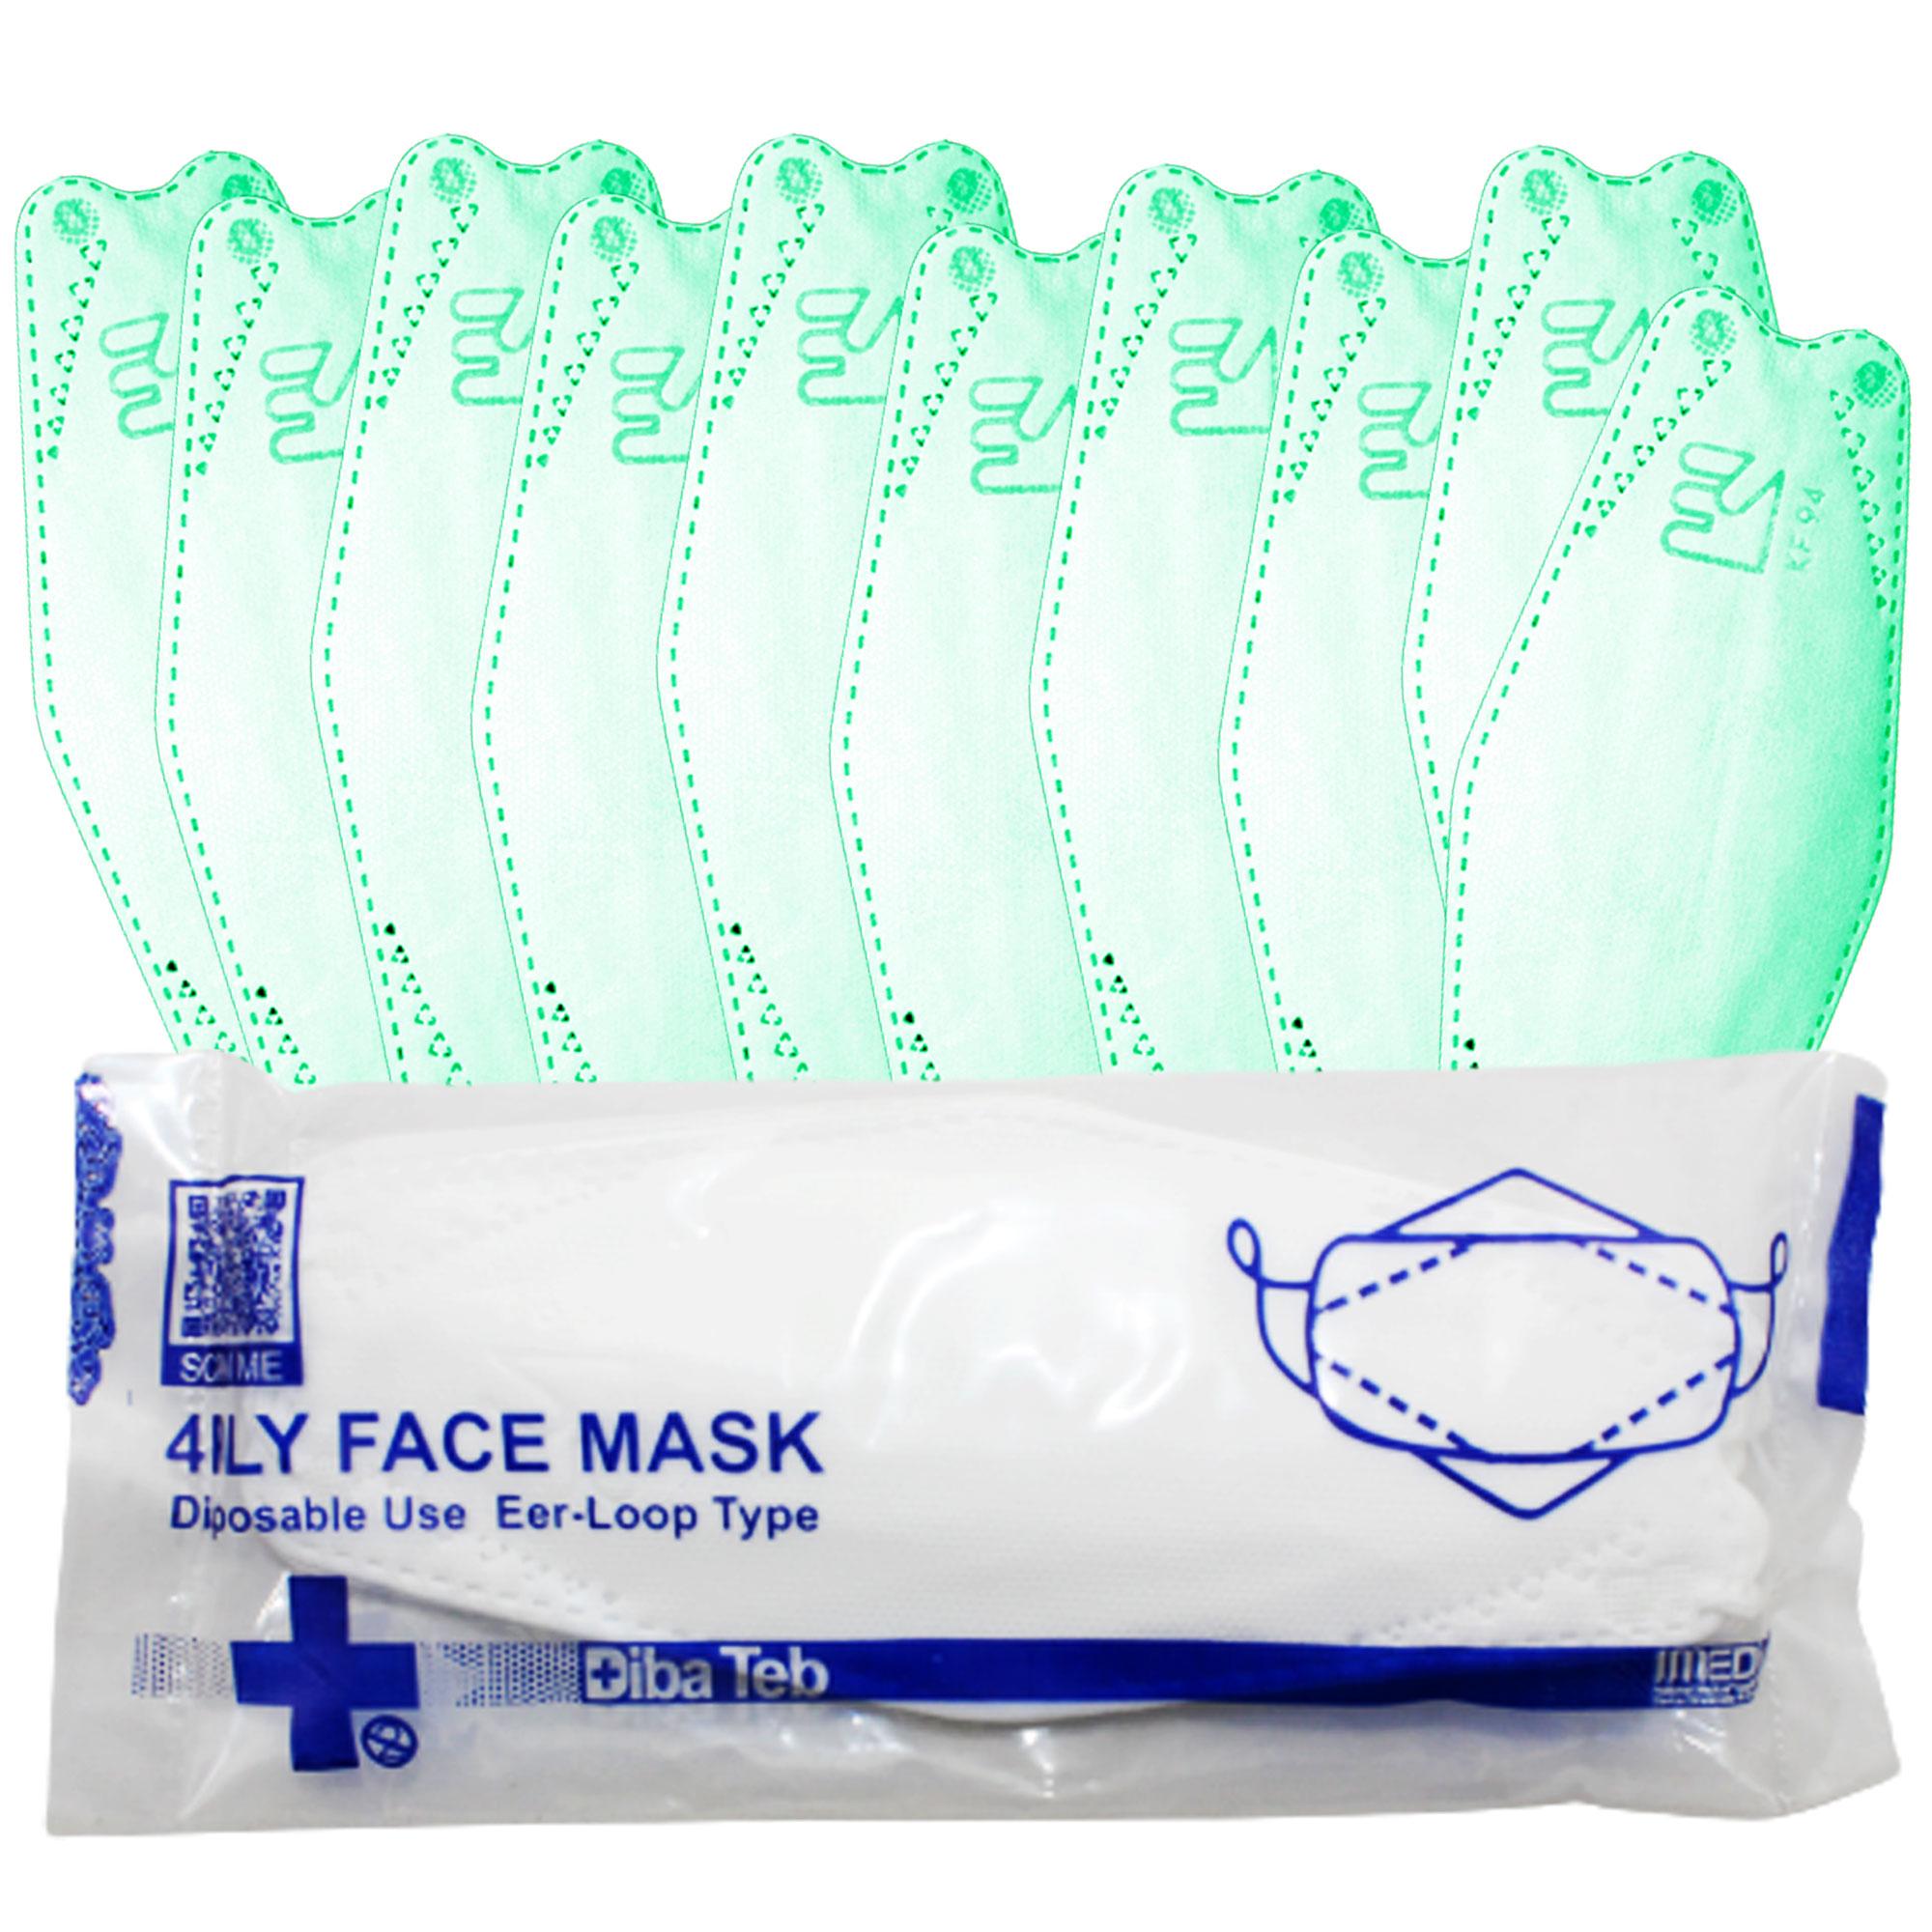 ماسک تنفسی دیباطب مدل سرخس بسته 10 عددی